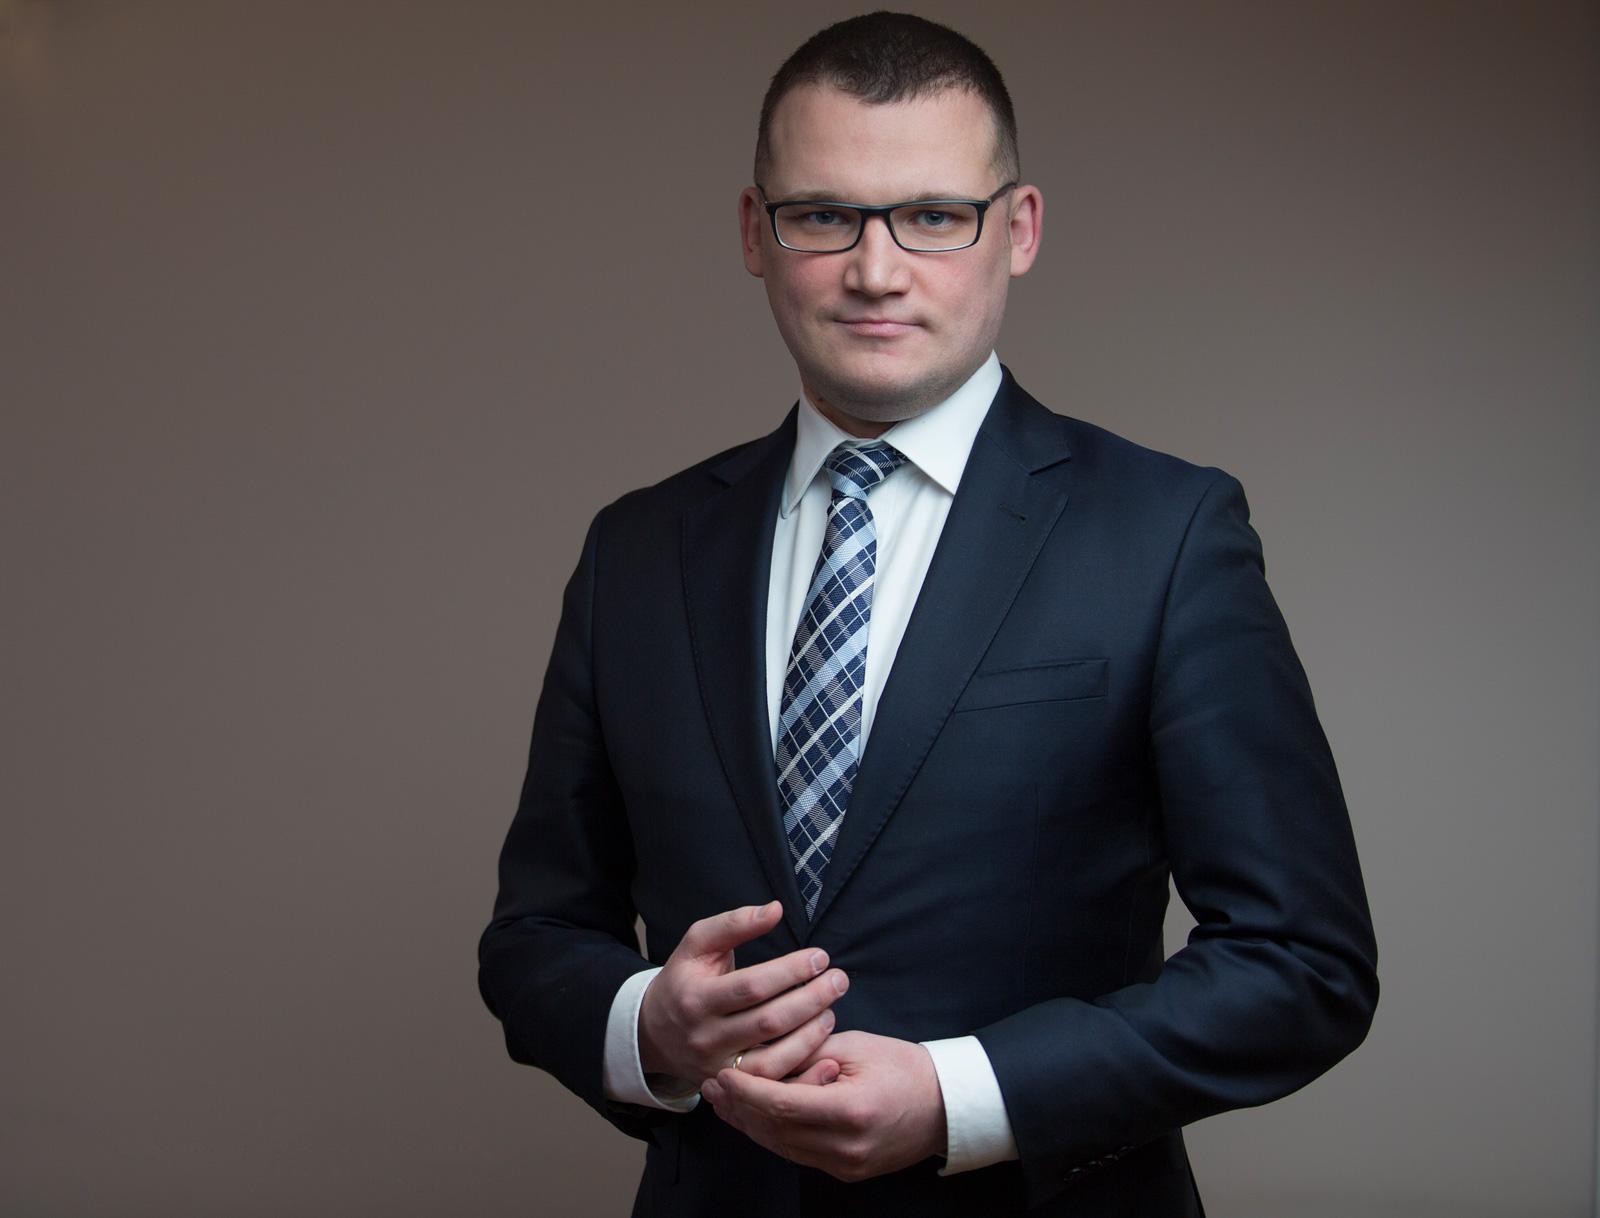 27.03.2019 Warszawa   Wywiad Marcina Fijolka z Pawlem Szefernakerem wiceministrem w ministerstwie MSWiA Fot. Andrzej Wiktor